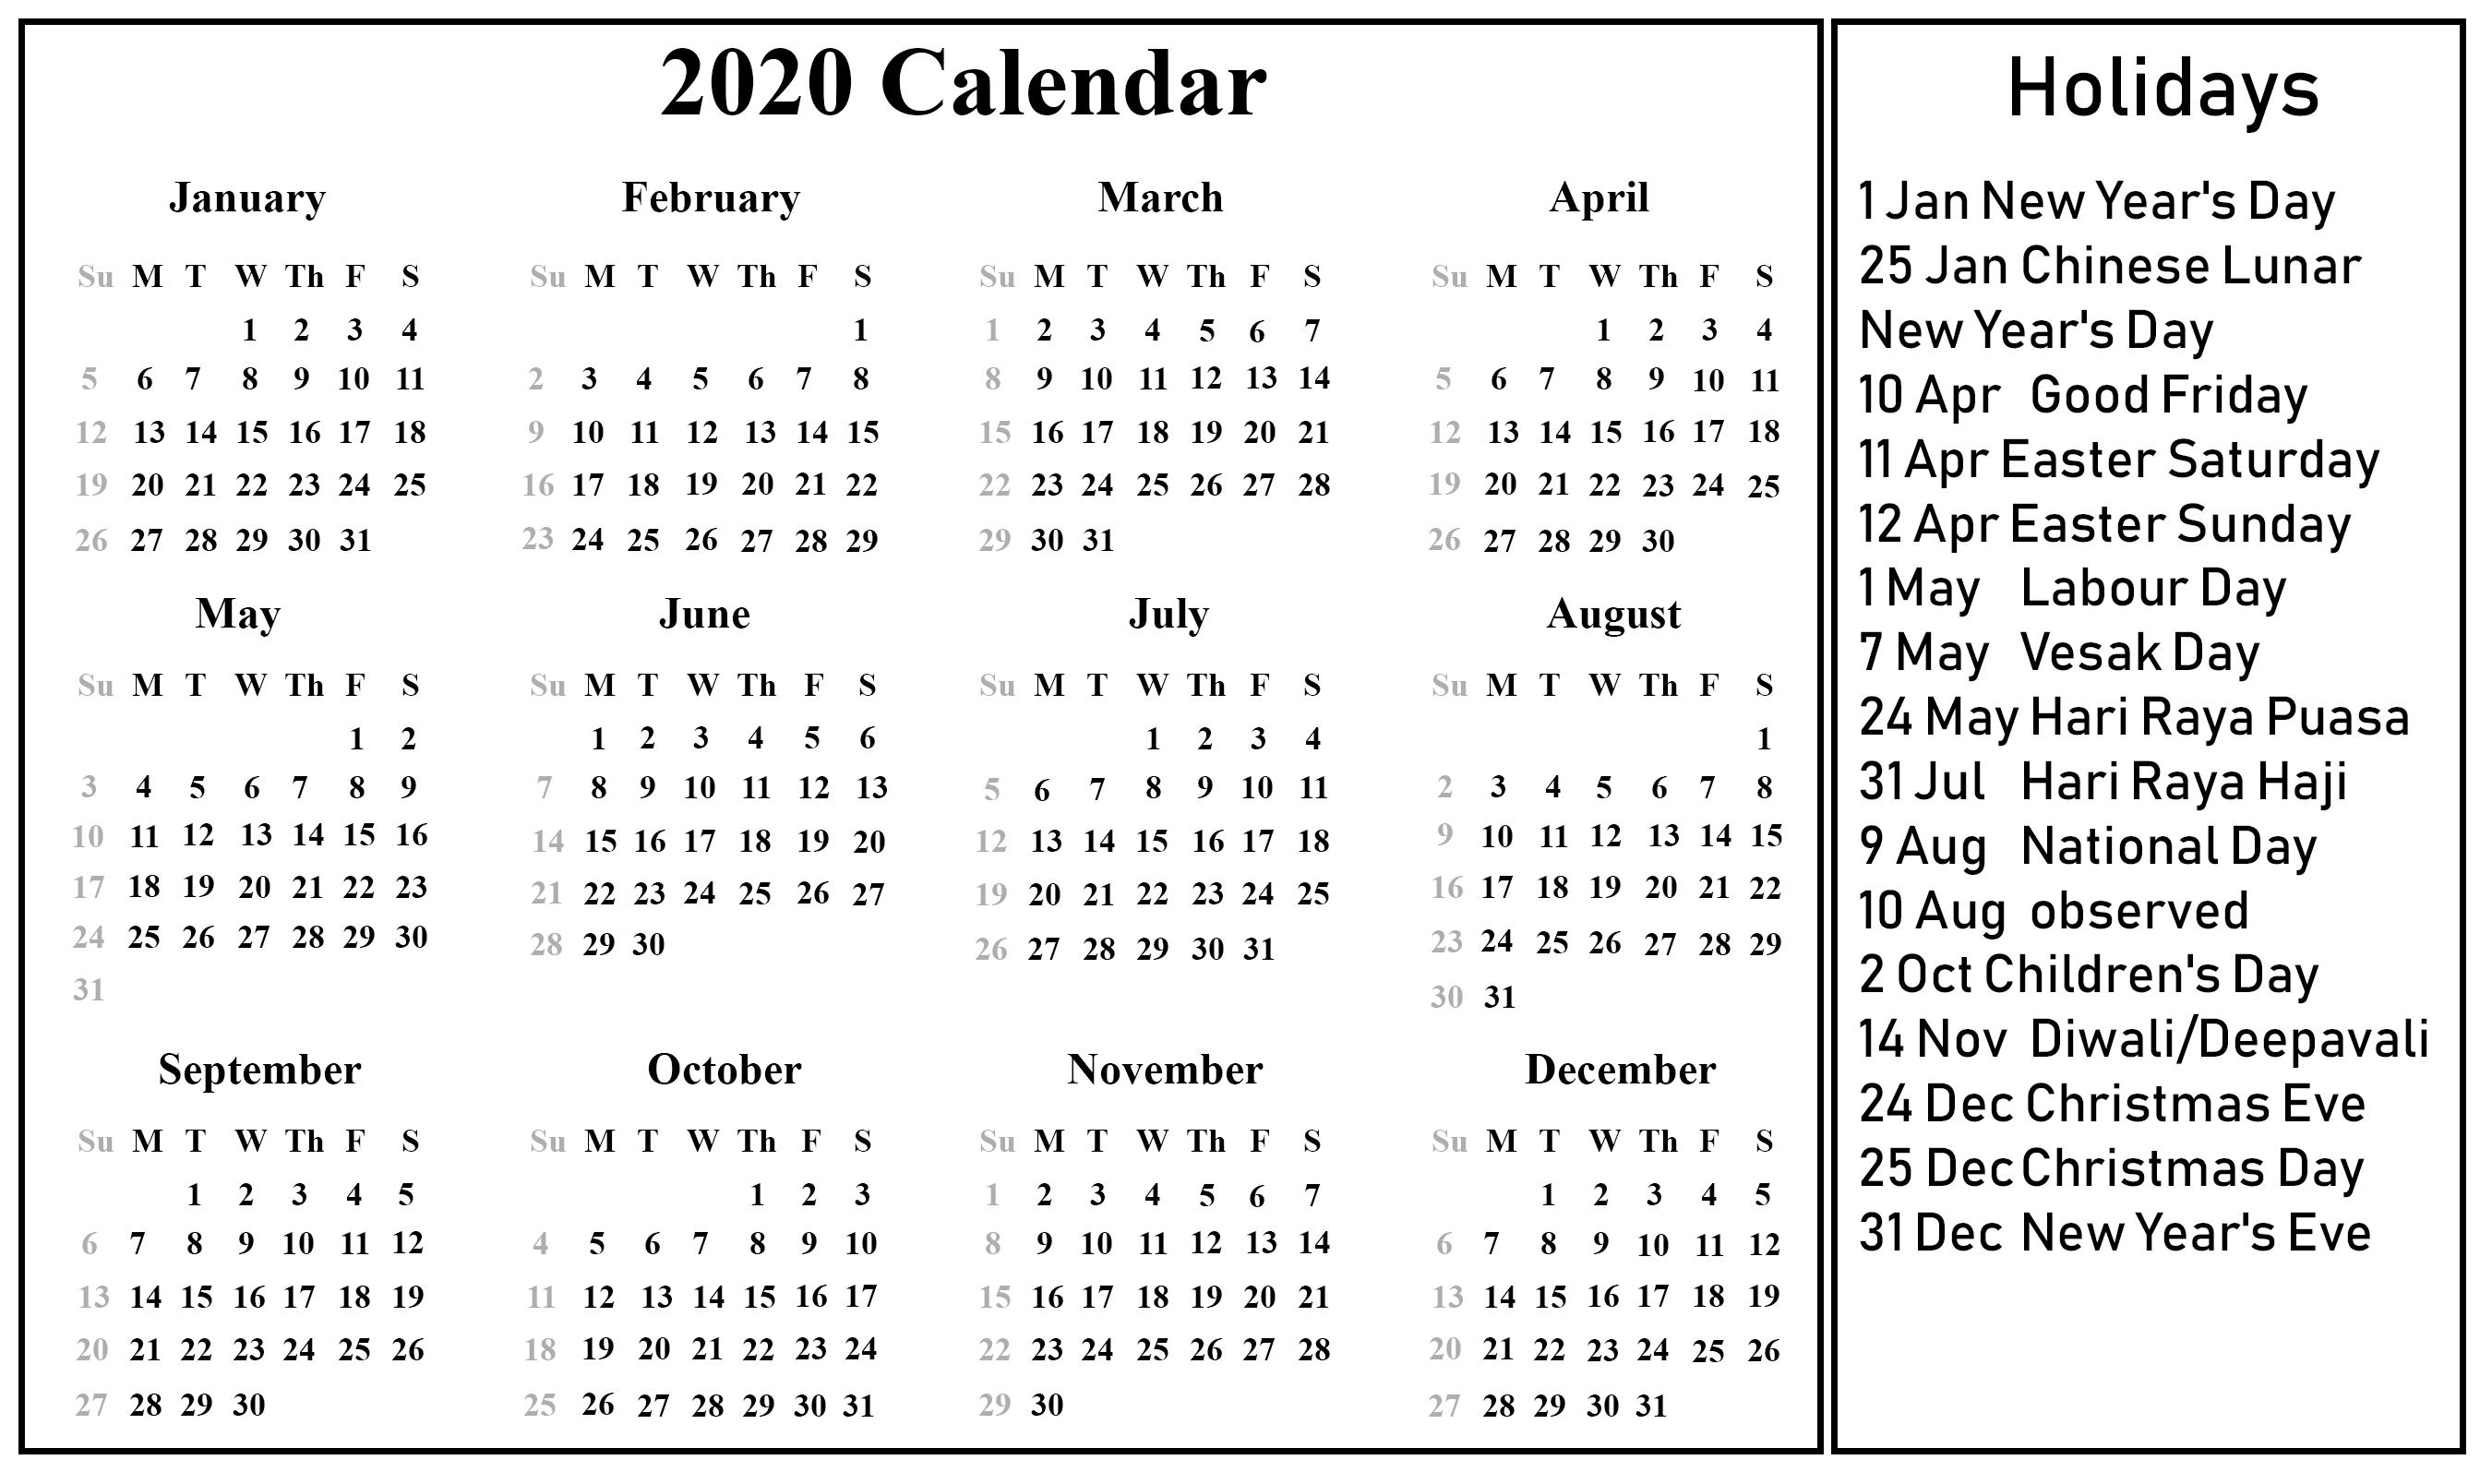 Singapore 2020 Printable Holidays Calendar | 2020 Calendars-January 2020 Calendar Singapore